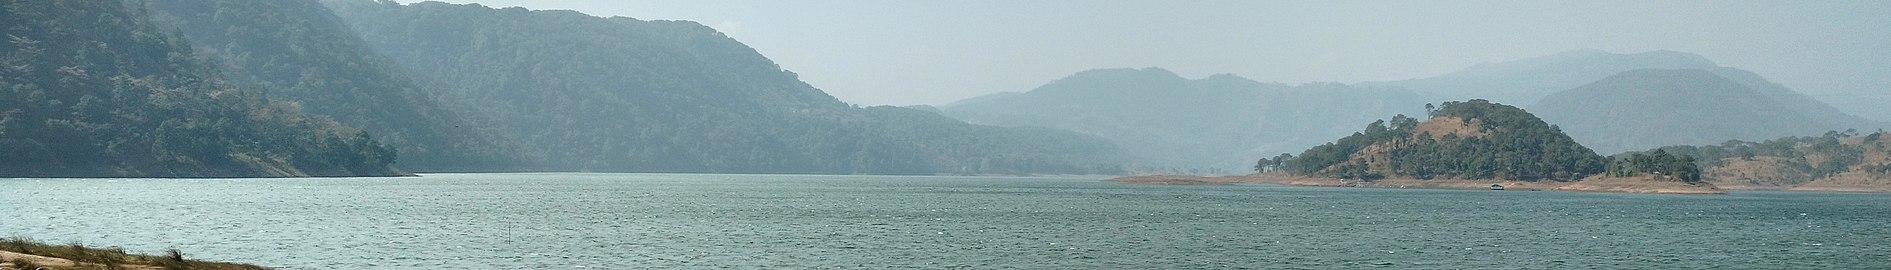 Shillong Banner.jpg